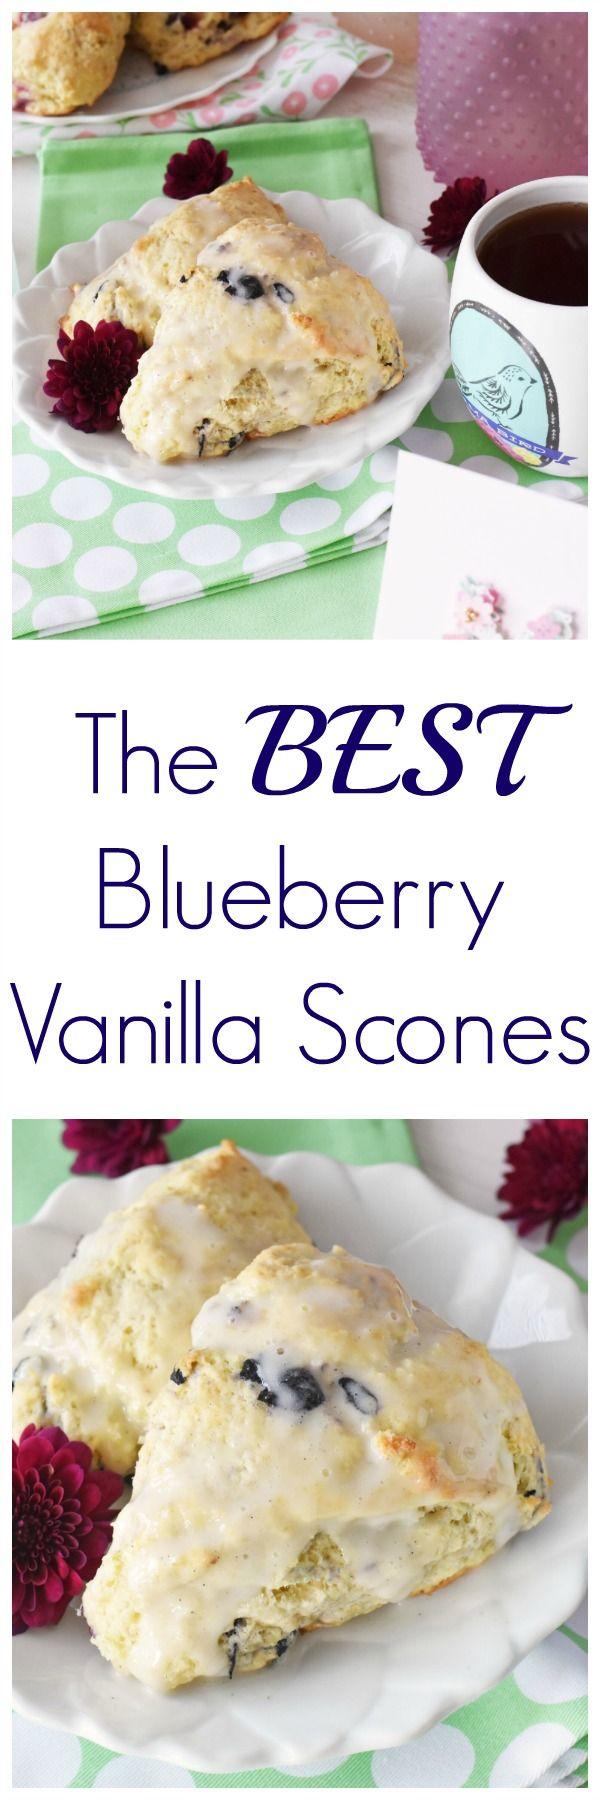 Blueberry vanilla scones